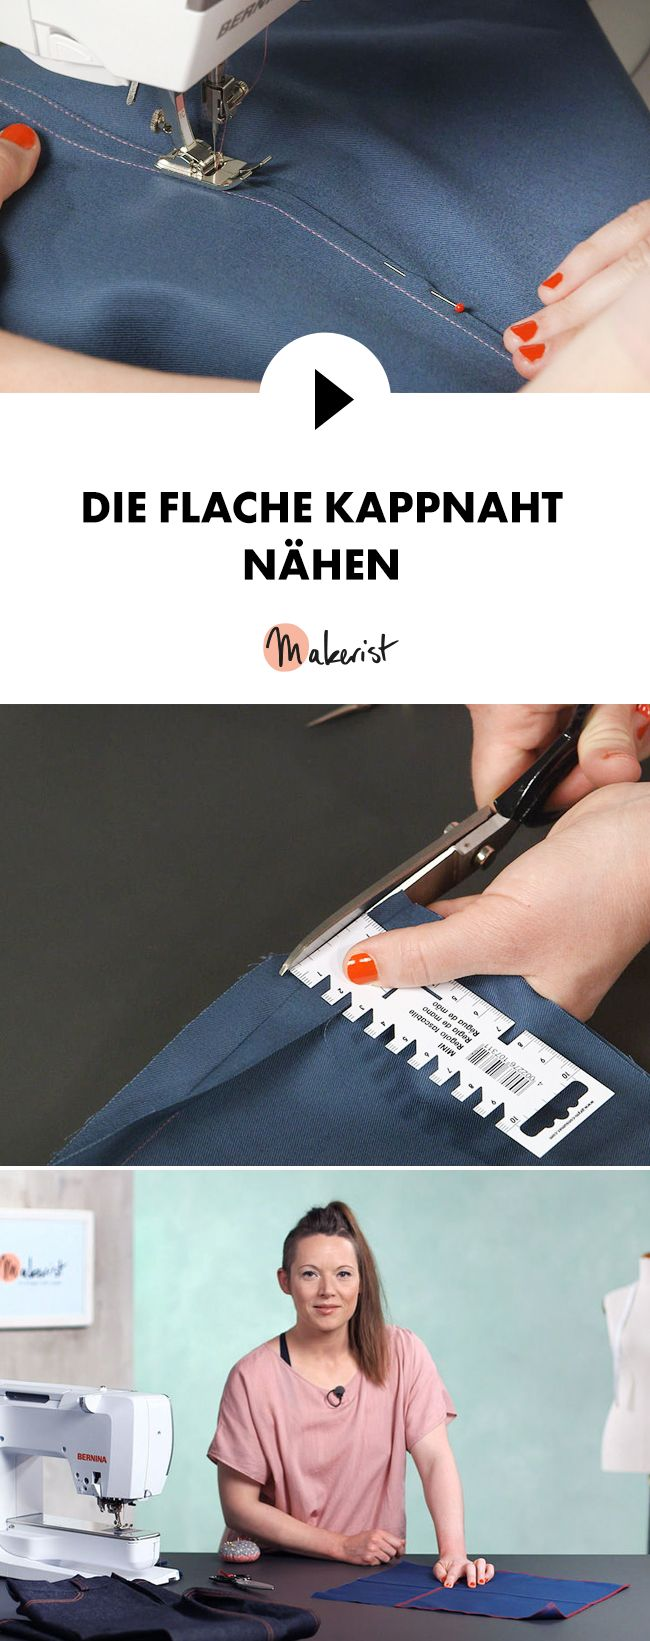 Flache Kappnaht richtig nähen - Schritt für Schritt erklärt im Video-Kurs via Makerist.de